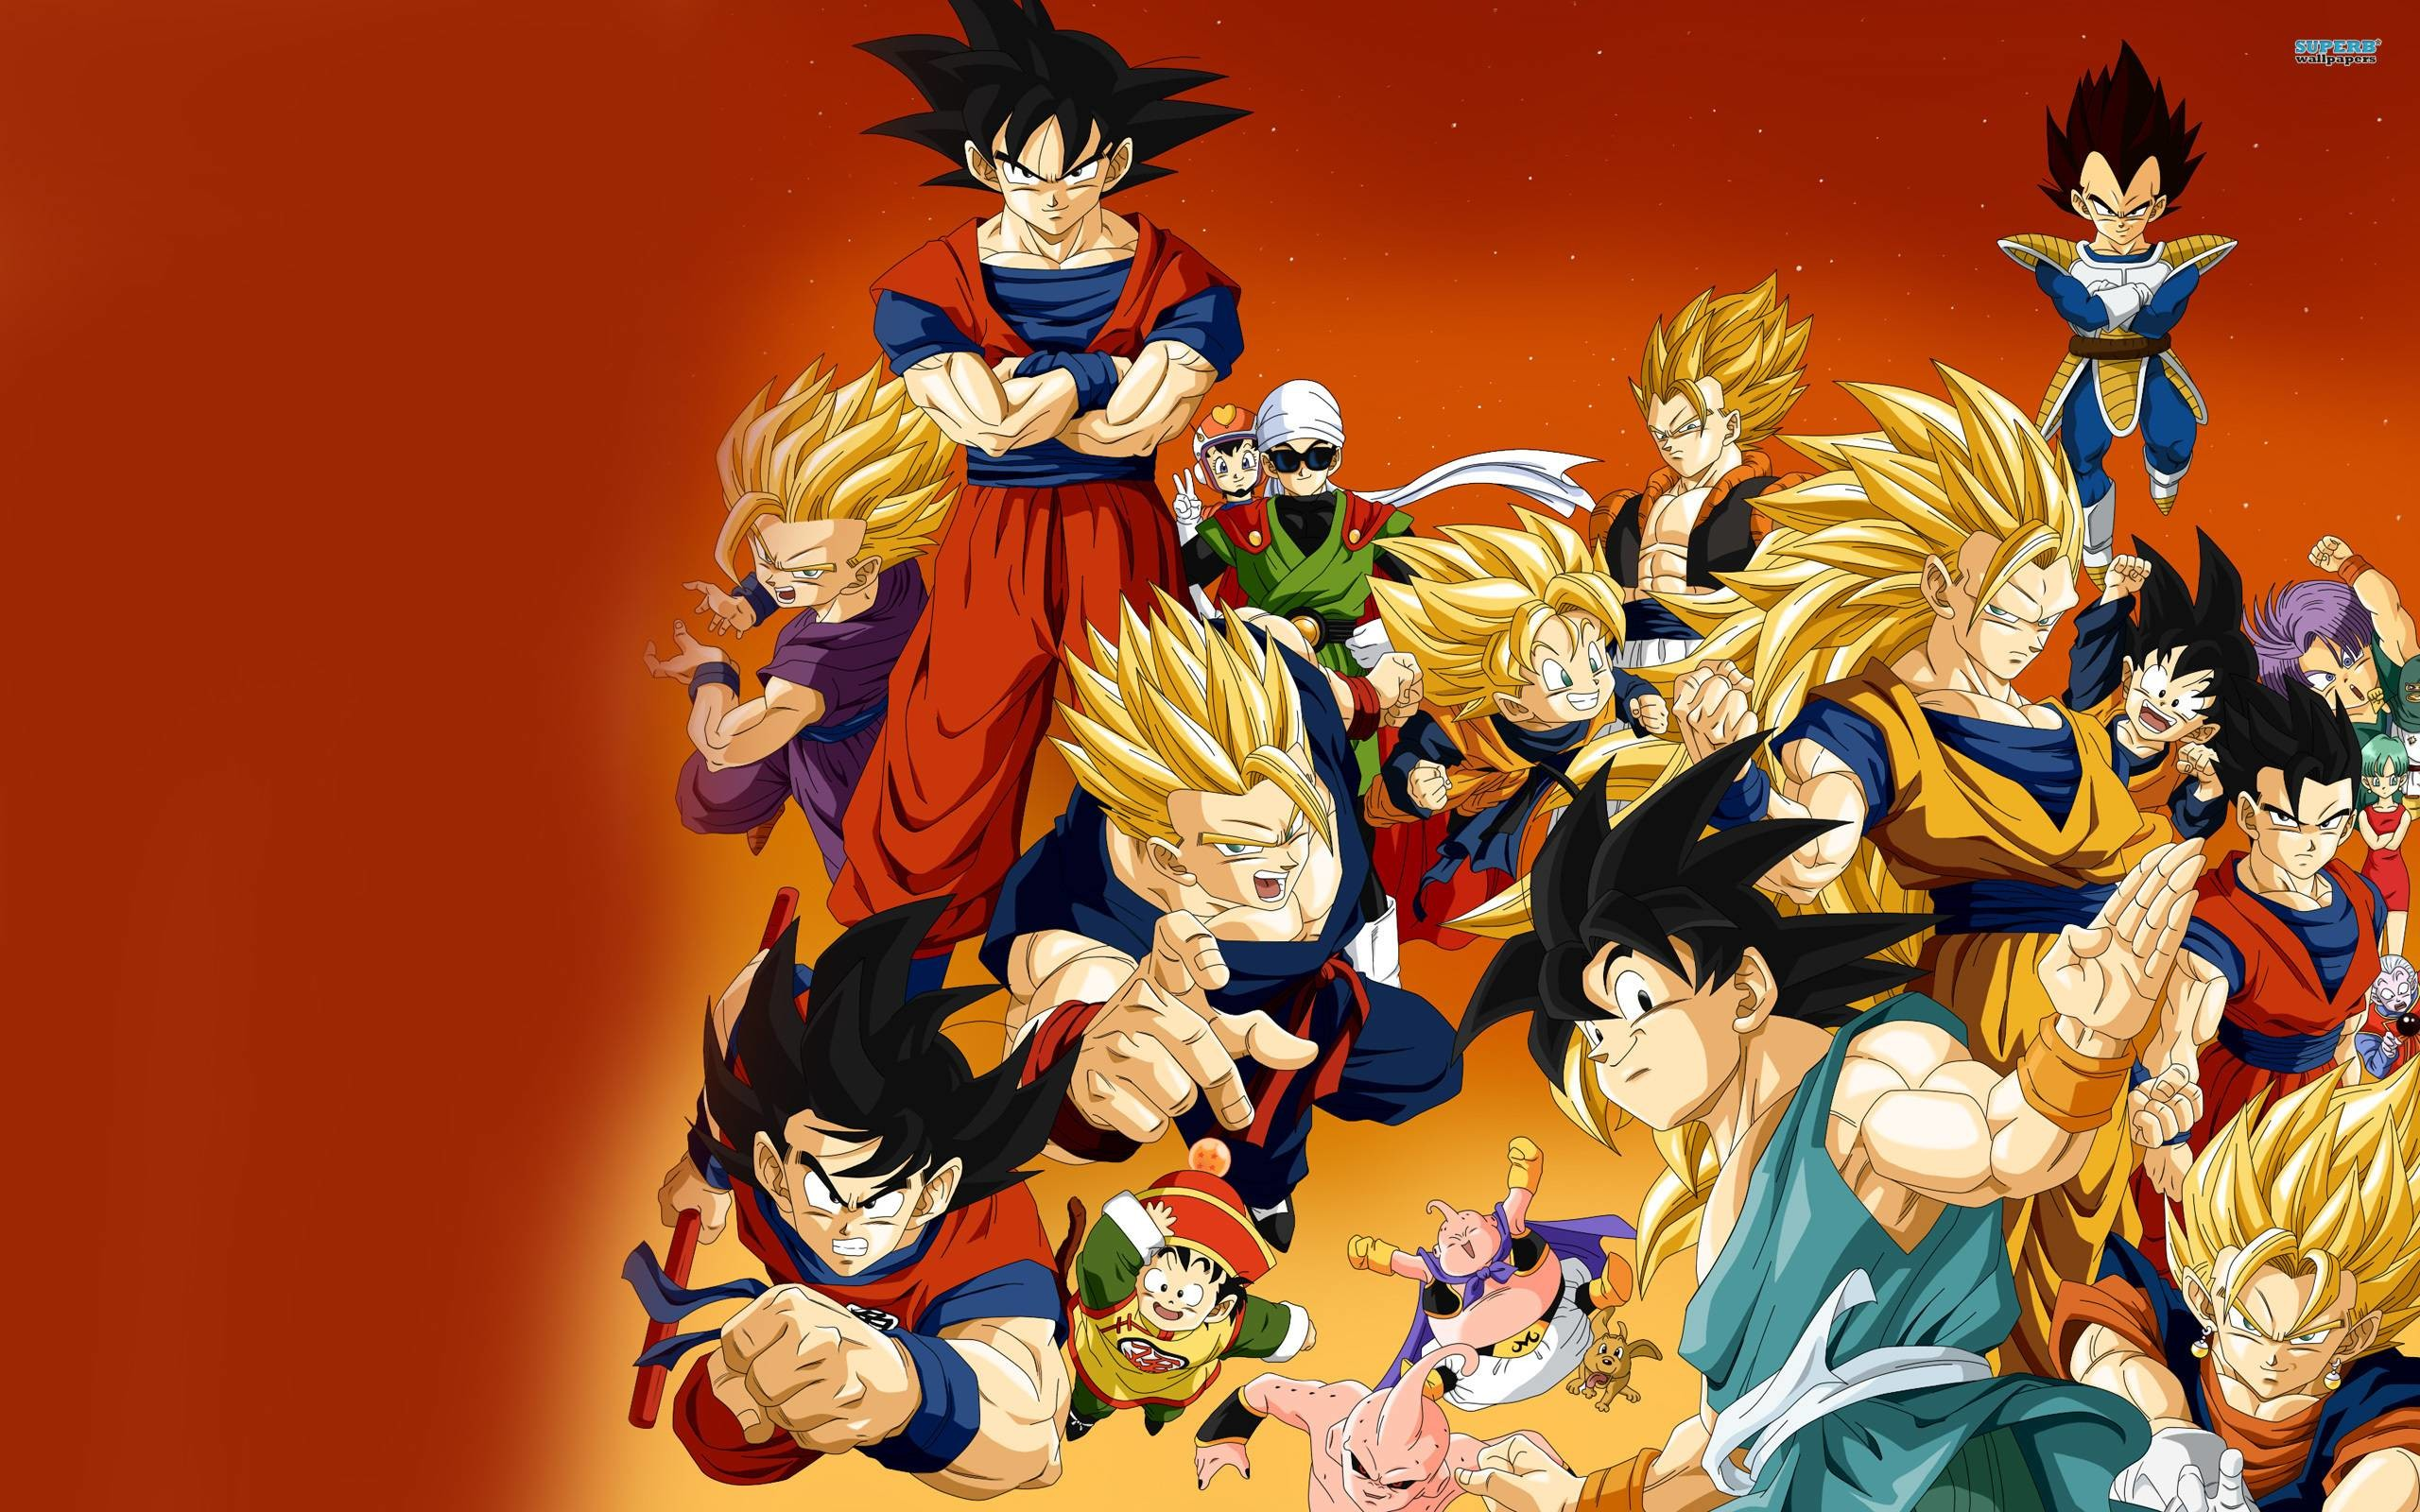 Best Dragon Ball Z New Hd Wallpaper #8097 Wallpaper   Risewall.